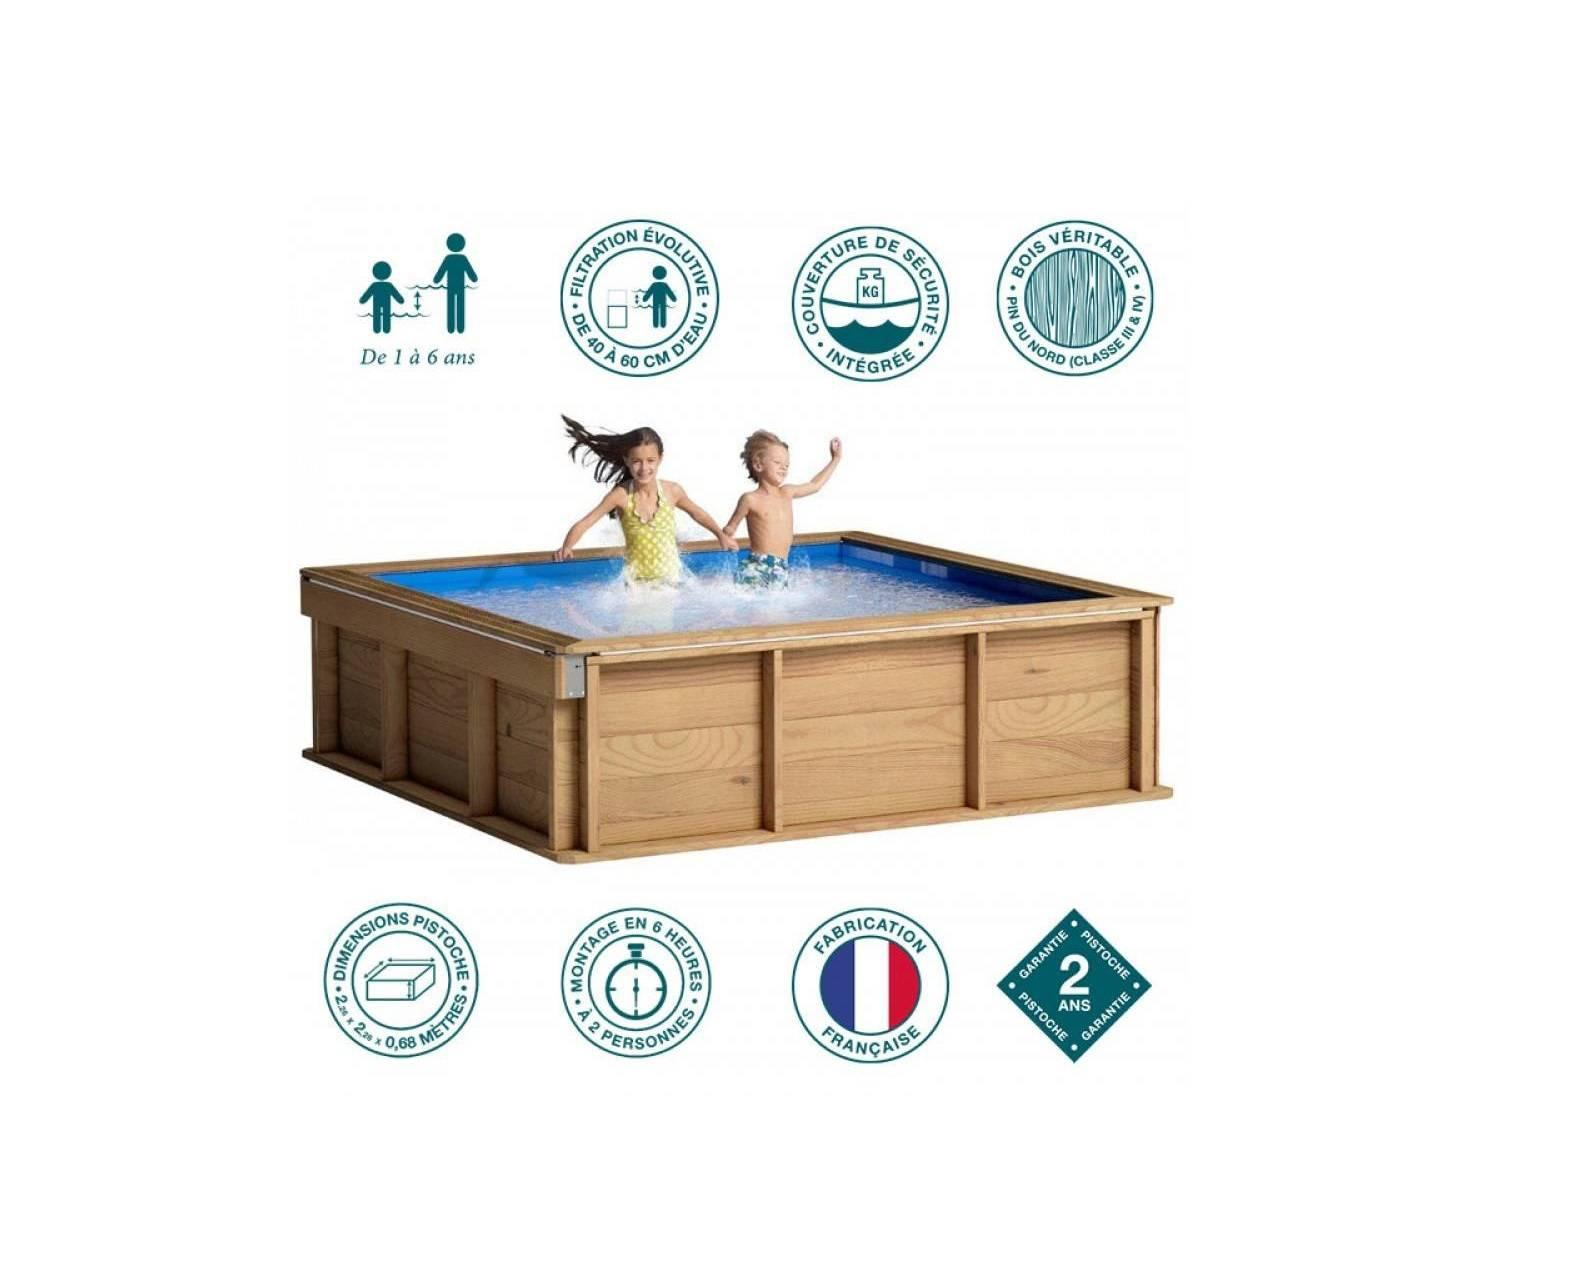 Petite Piscine Hors Sol Bois Carrée 2X2 Pour Enfants Piscine ... avec Piscine Bois Carrée 2X2